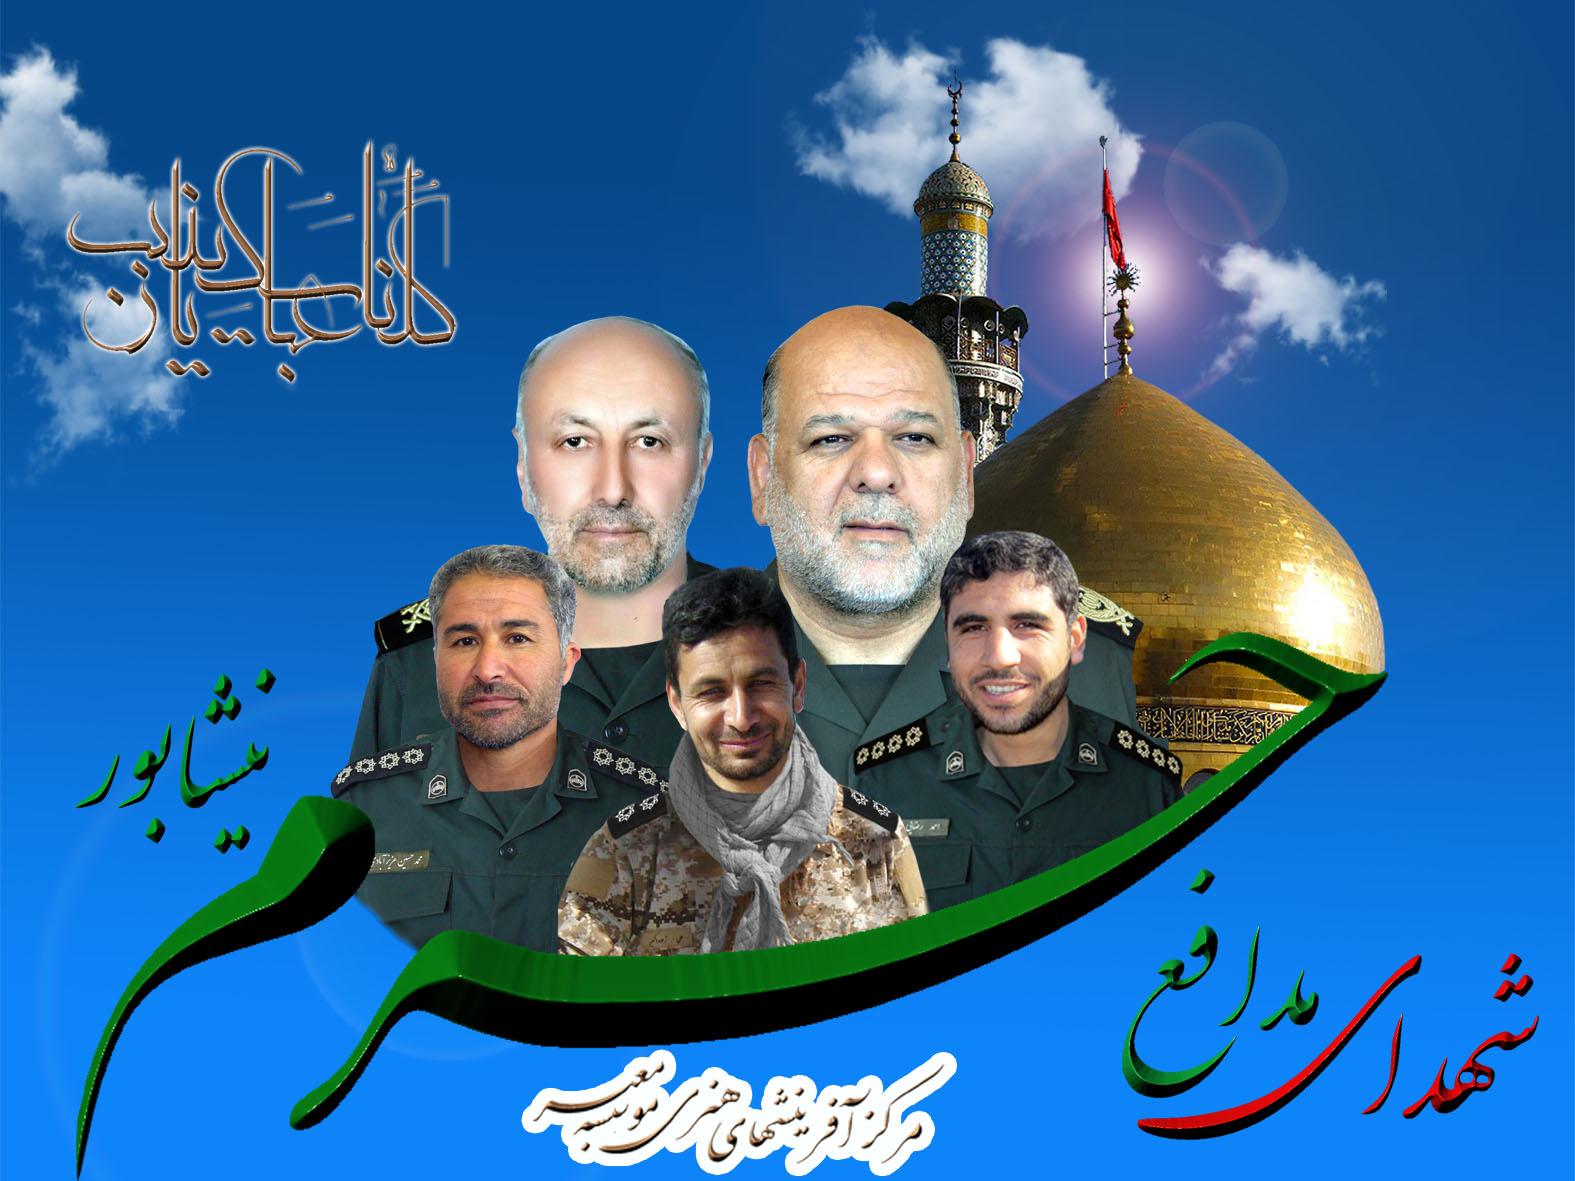 شهدای مدافع حرم شهرستان نیشابور